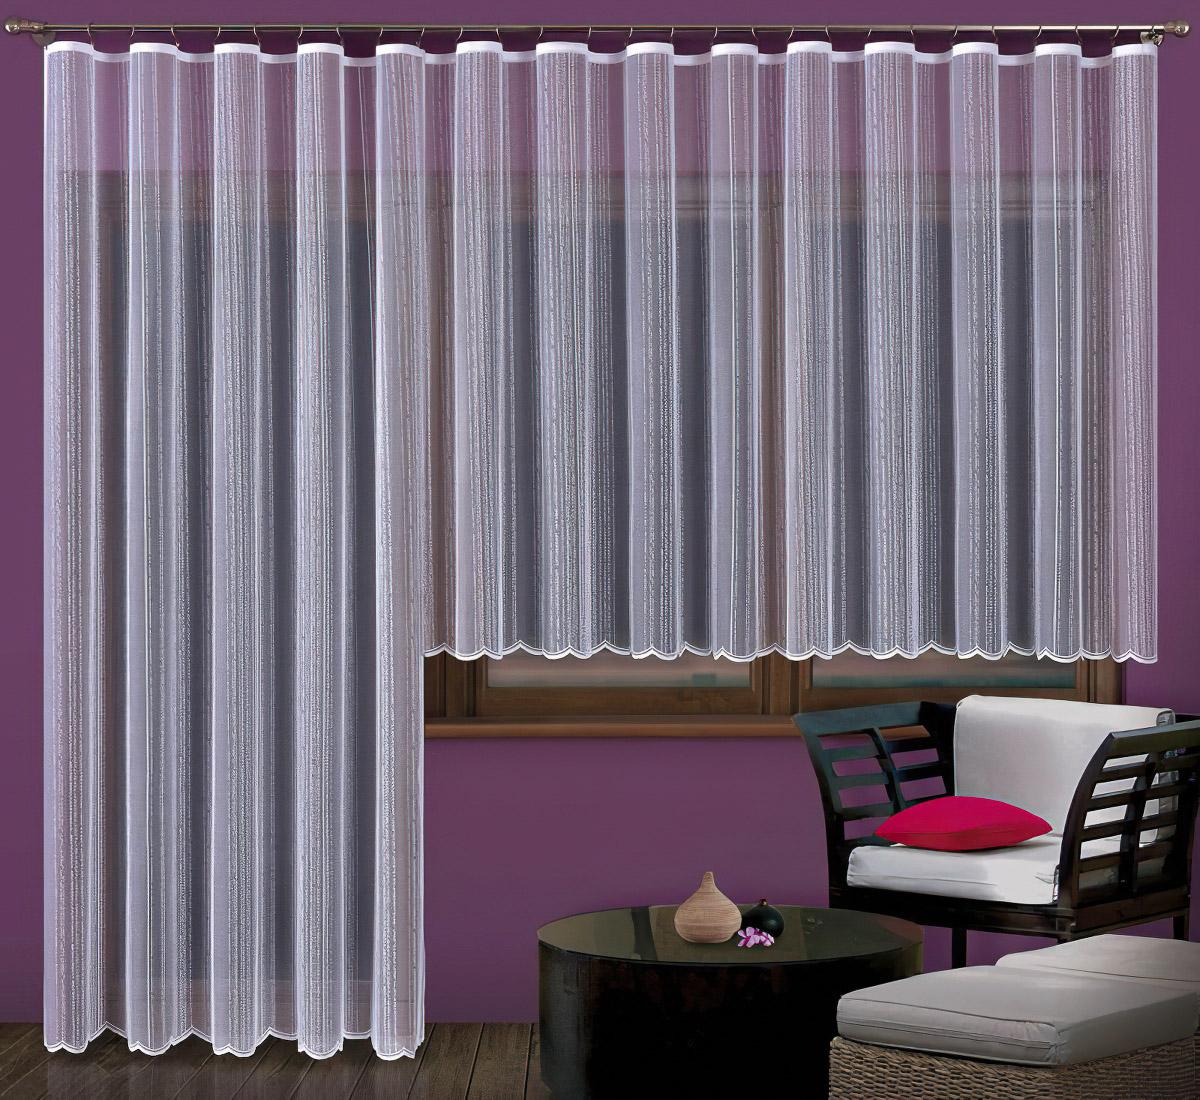 Forbyt kusová záclona ALBA jednobarevná bílá, výška 250 cm x šířka 200 cm (na dveře)